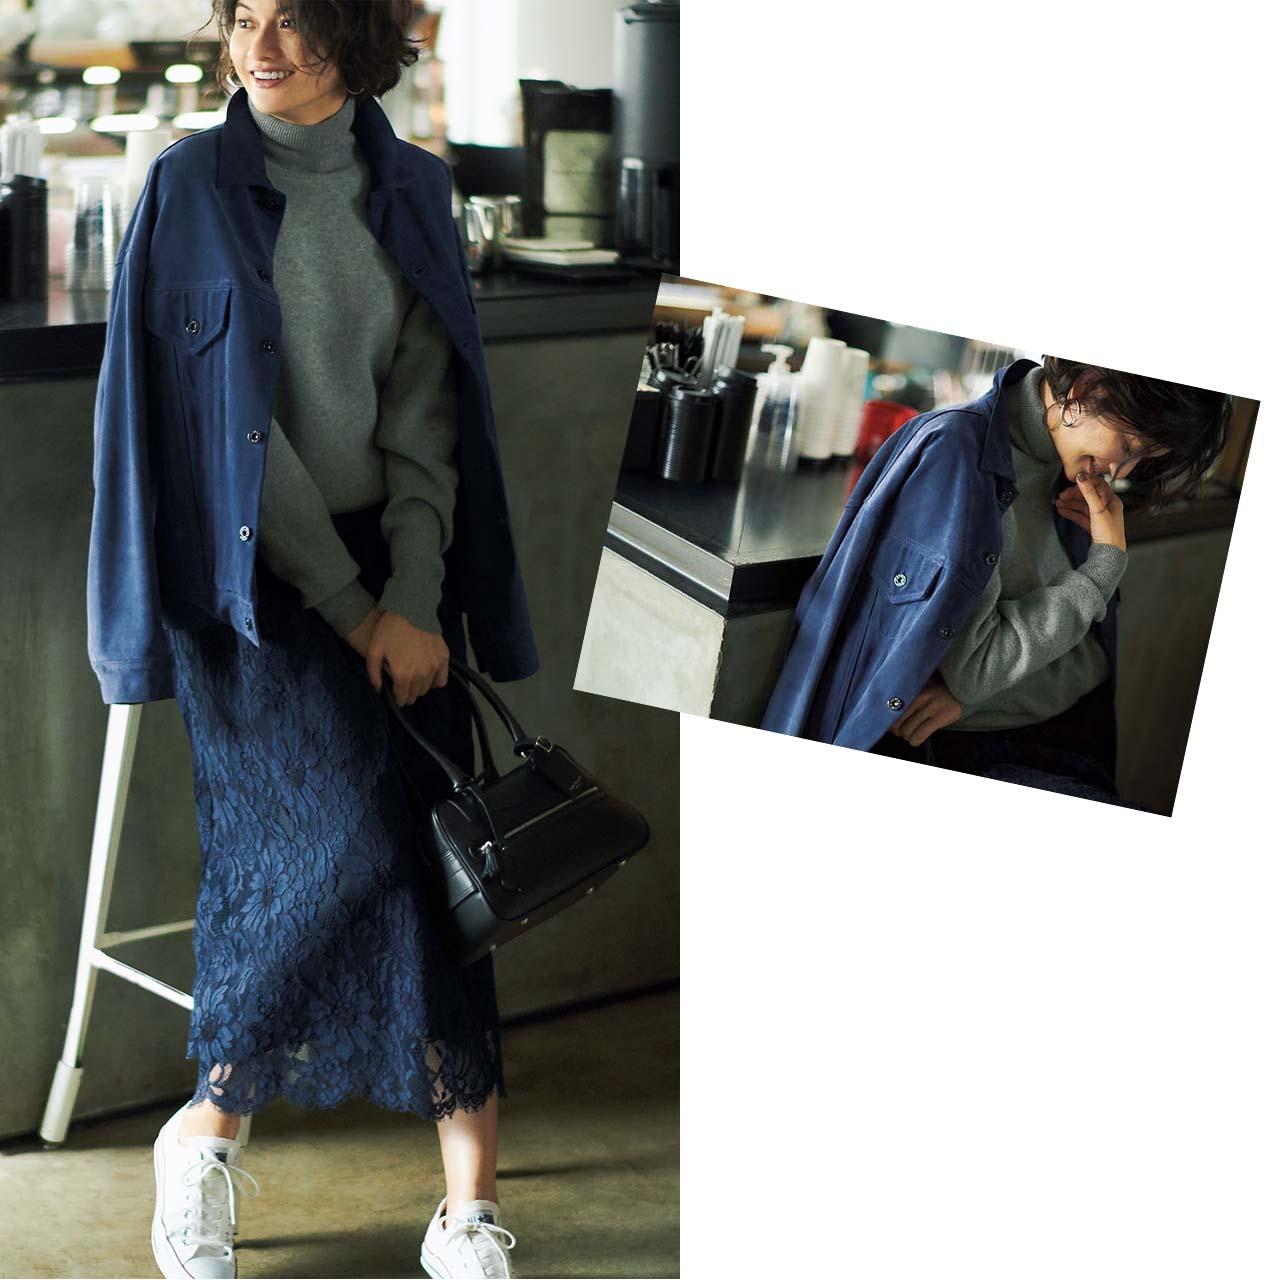 Gジャン✖レースのスカートコーデを着たモデルの渡辺佳子さん